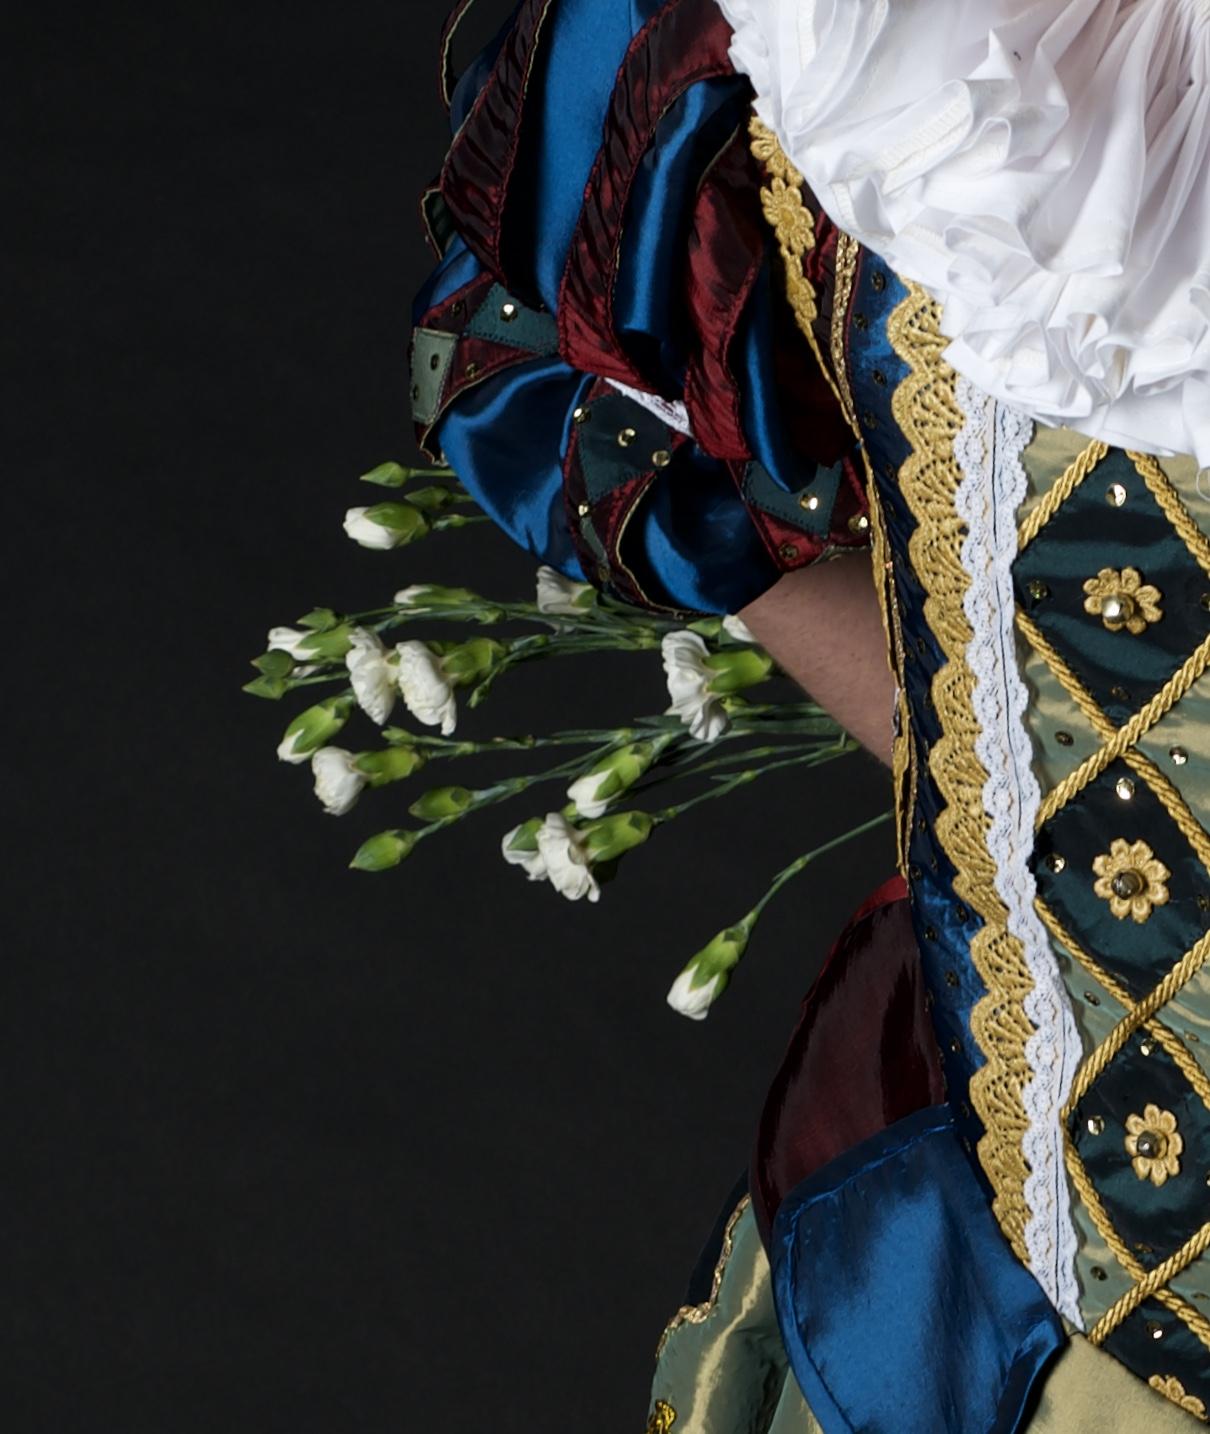 Close up photo - Doublet front details